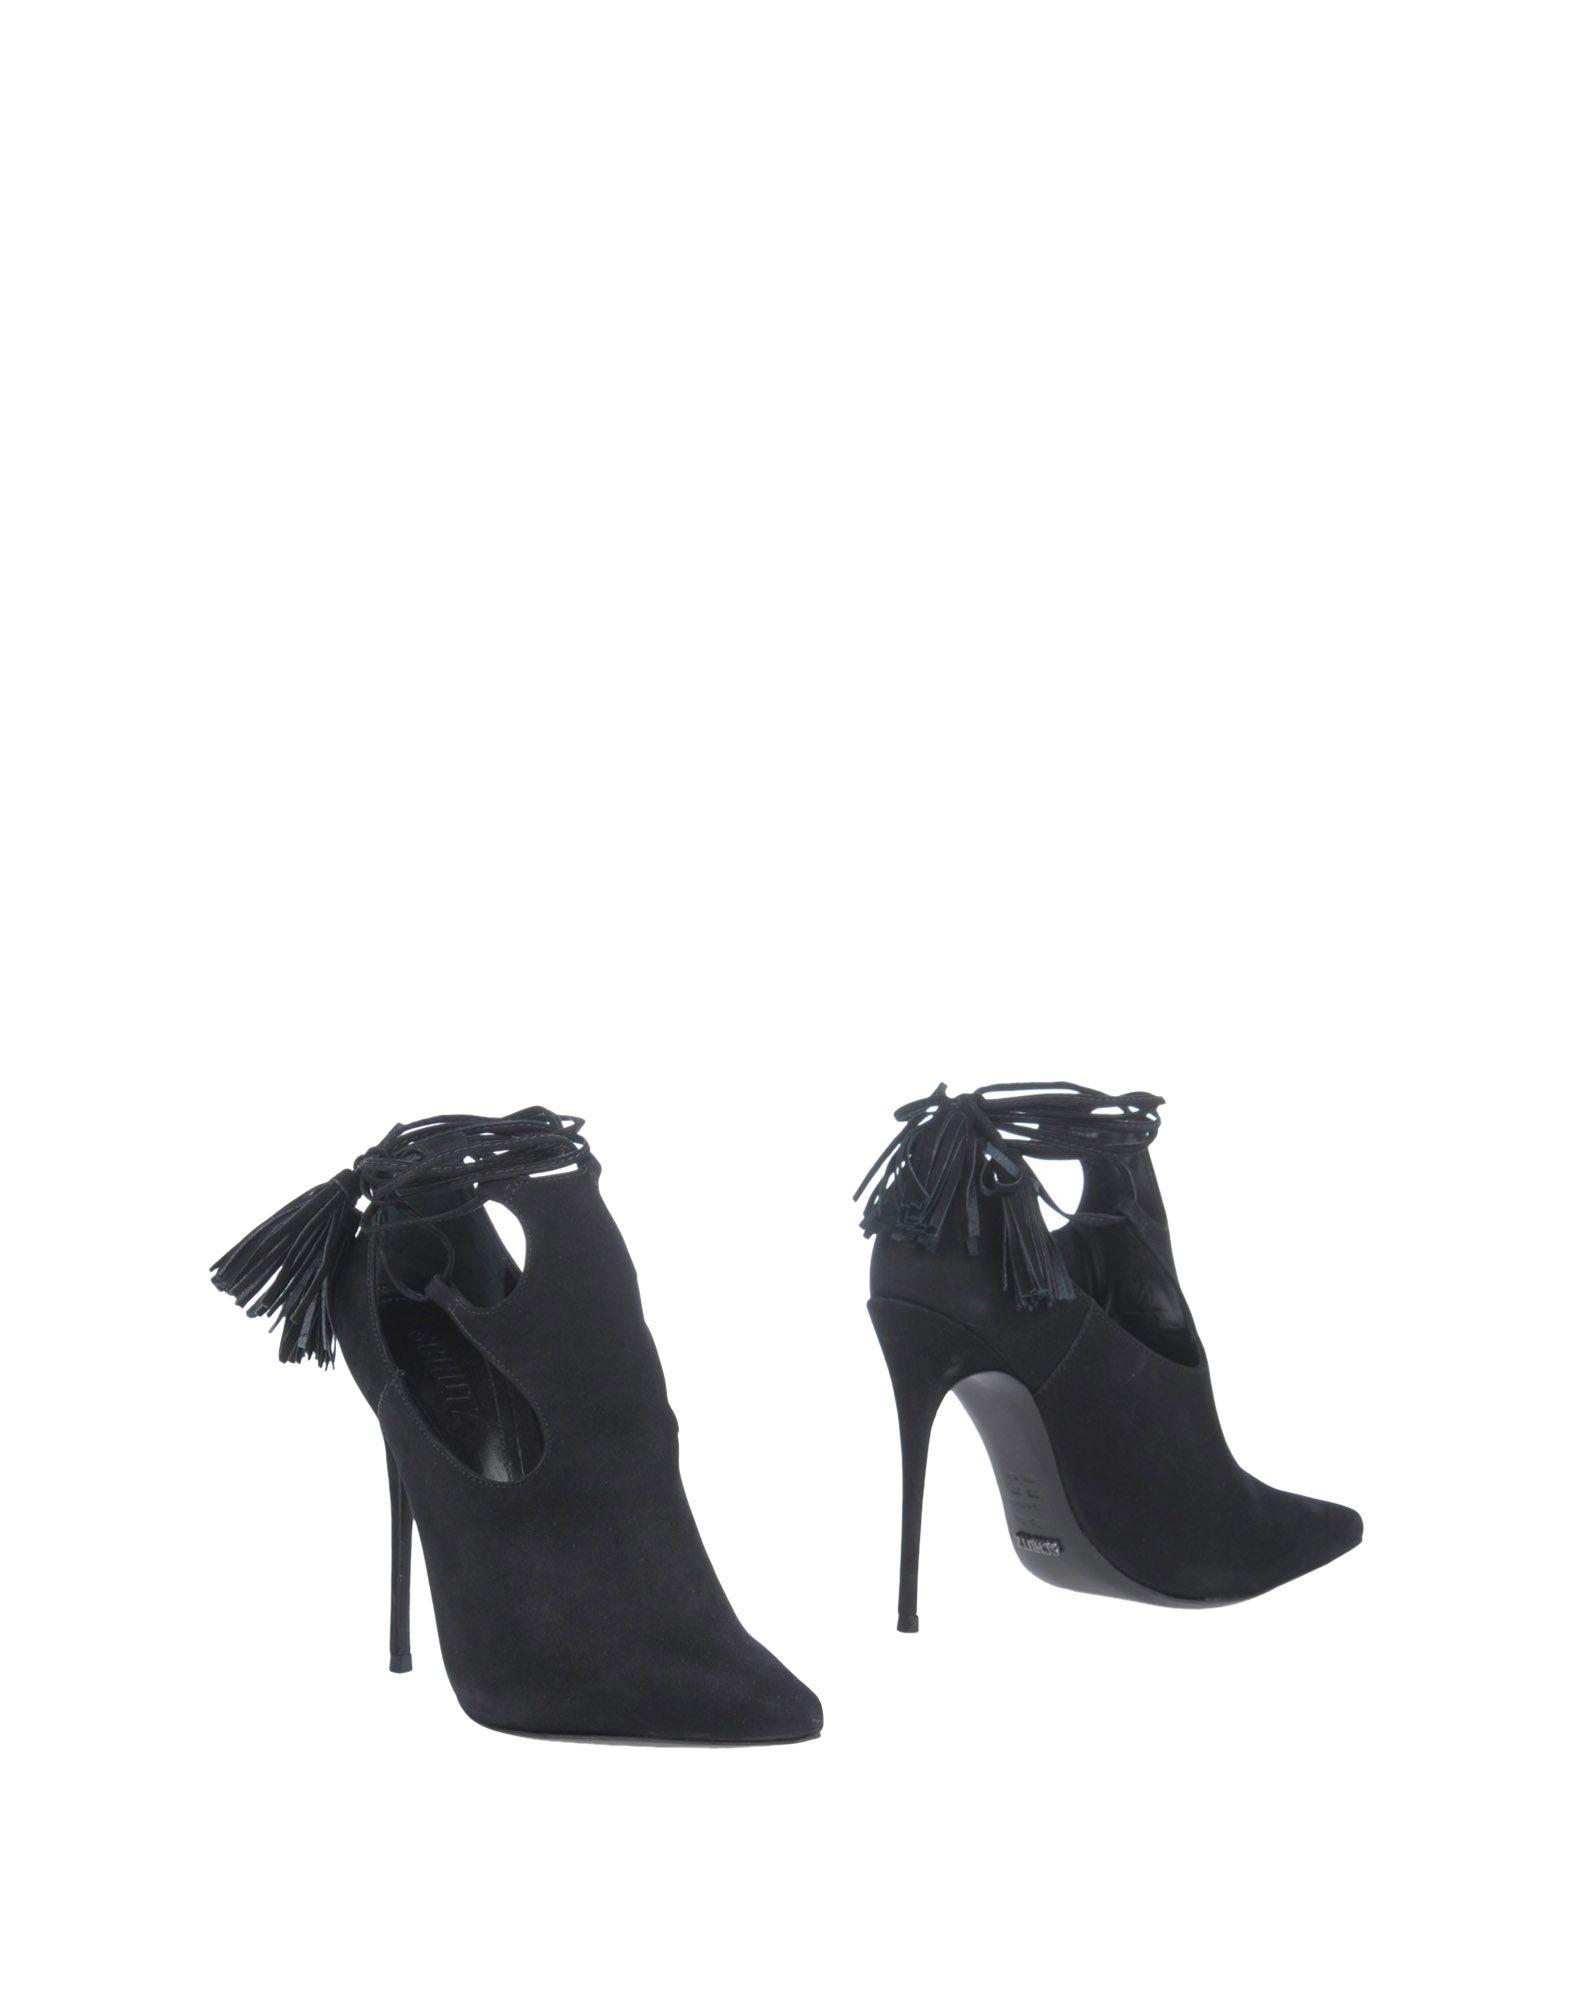 Gut um Stiefelette billige Schuhe zu tragenSchutz Stiefelette um Damen  11358461DH 8d6cfd